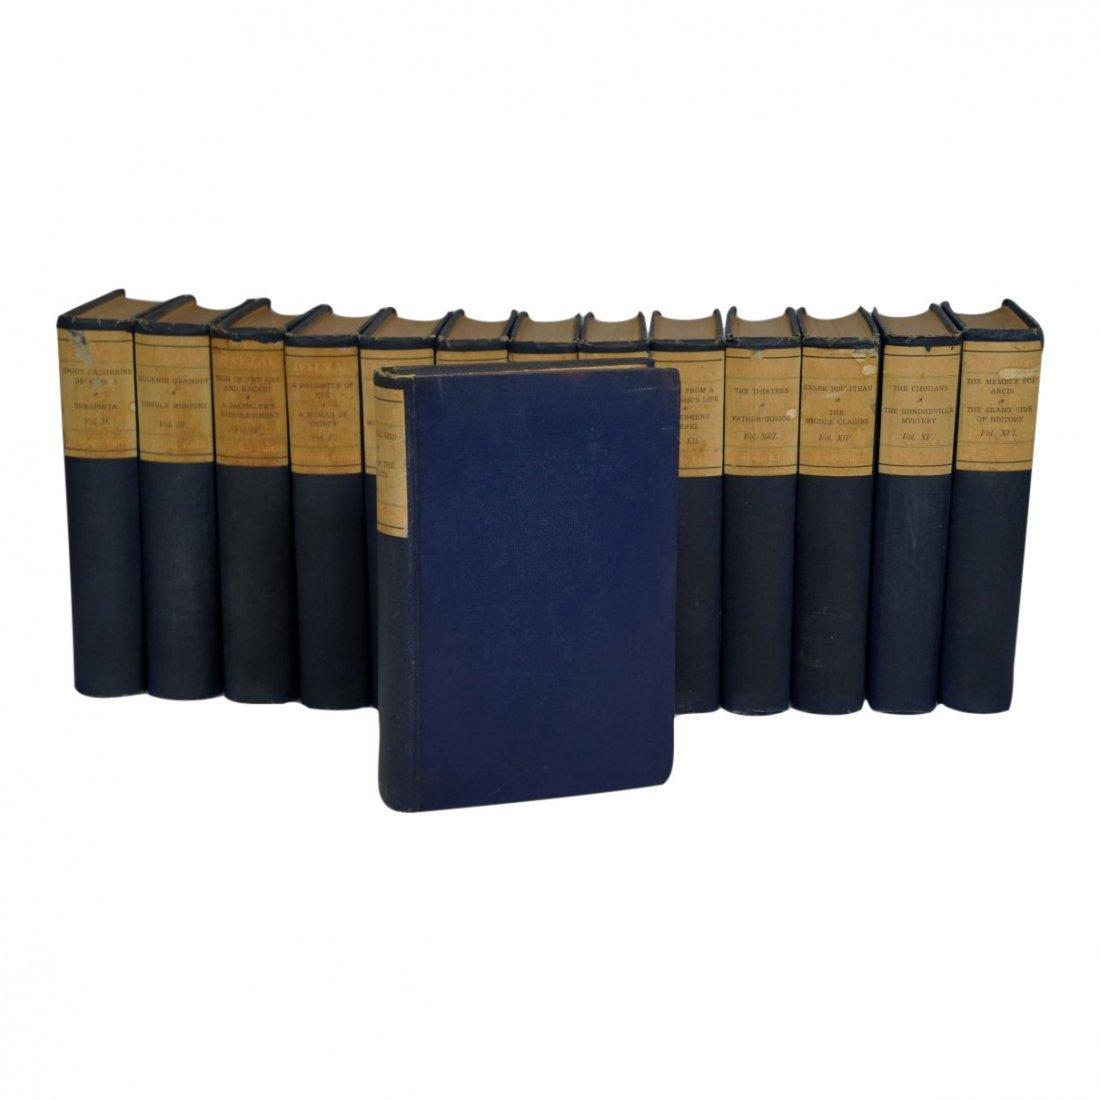 The Works of Honore de Balzac 14 Vols